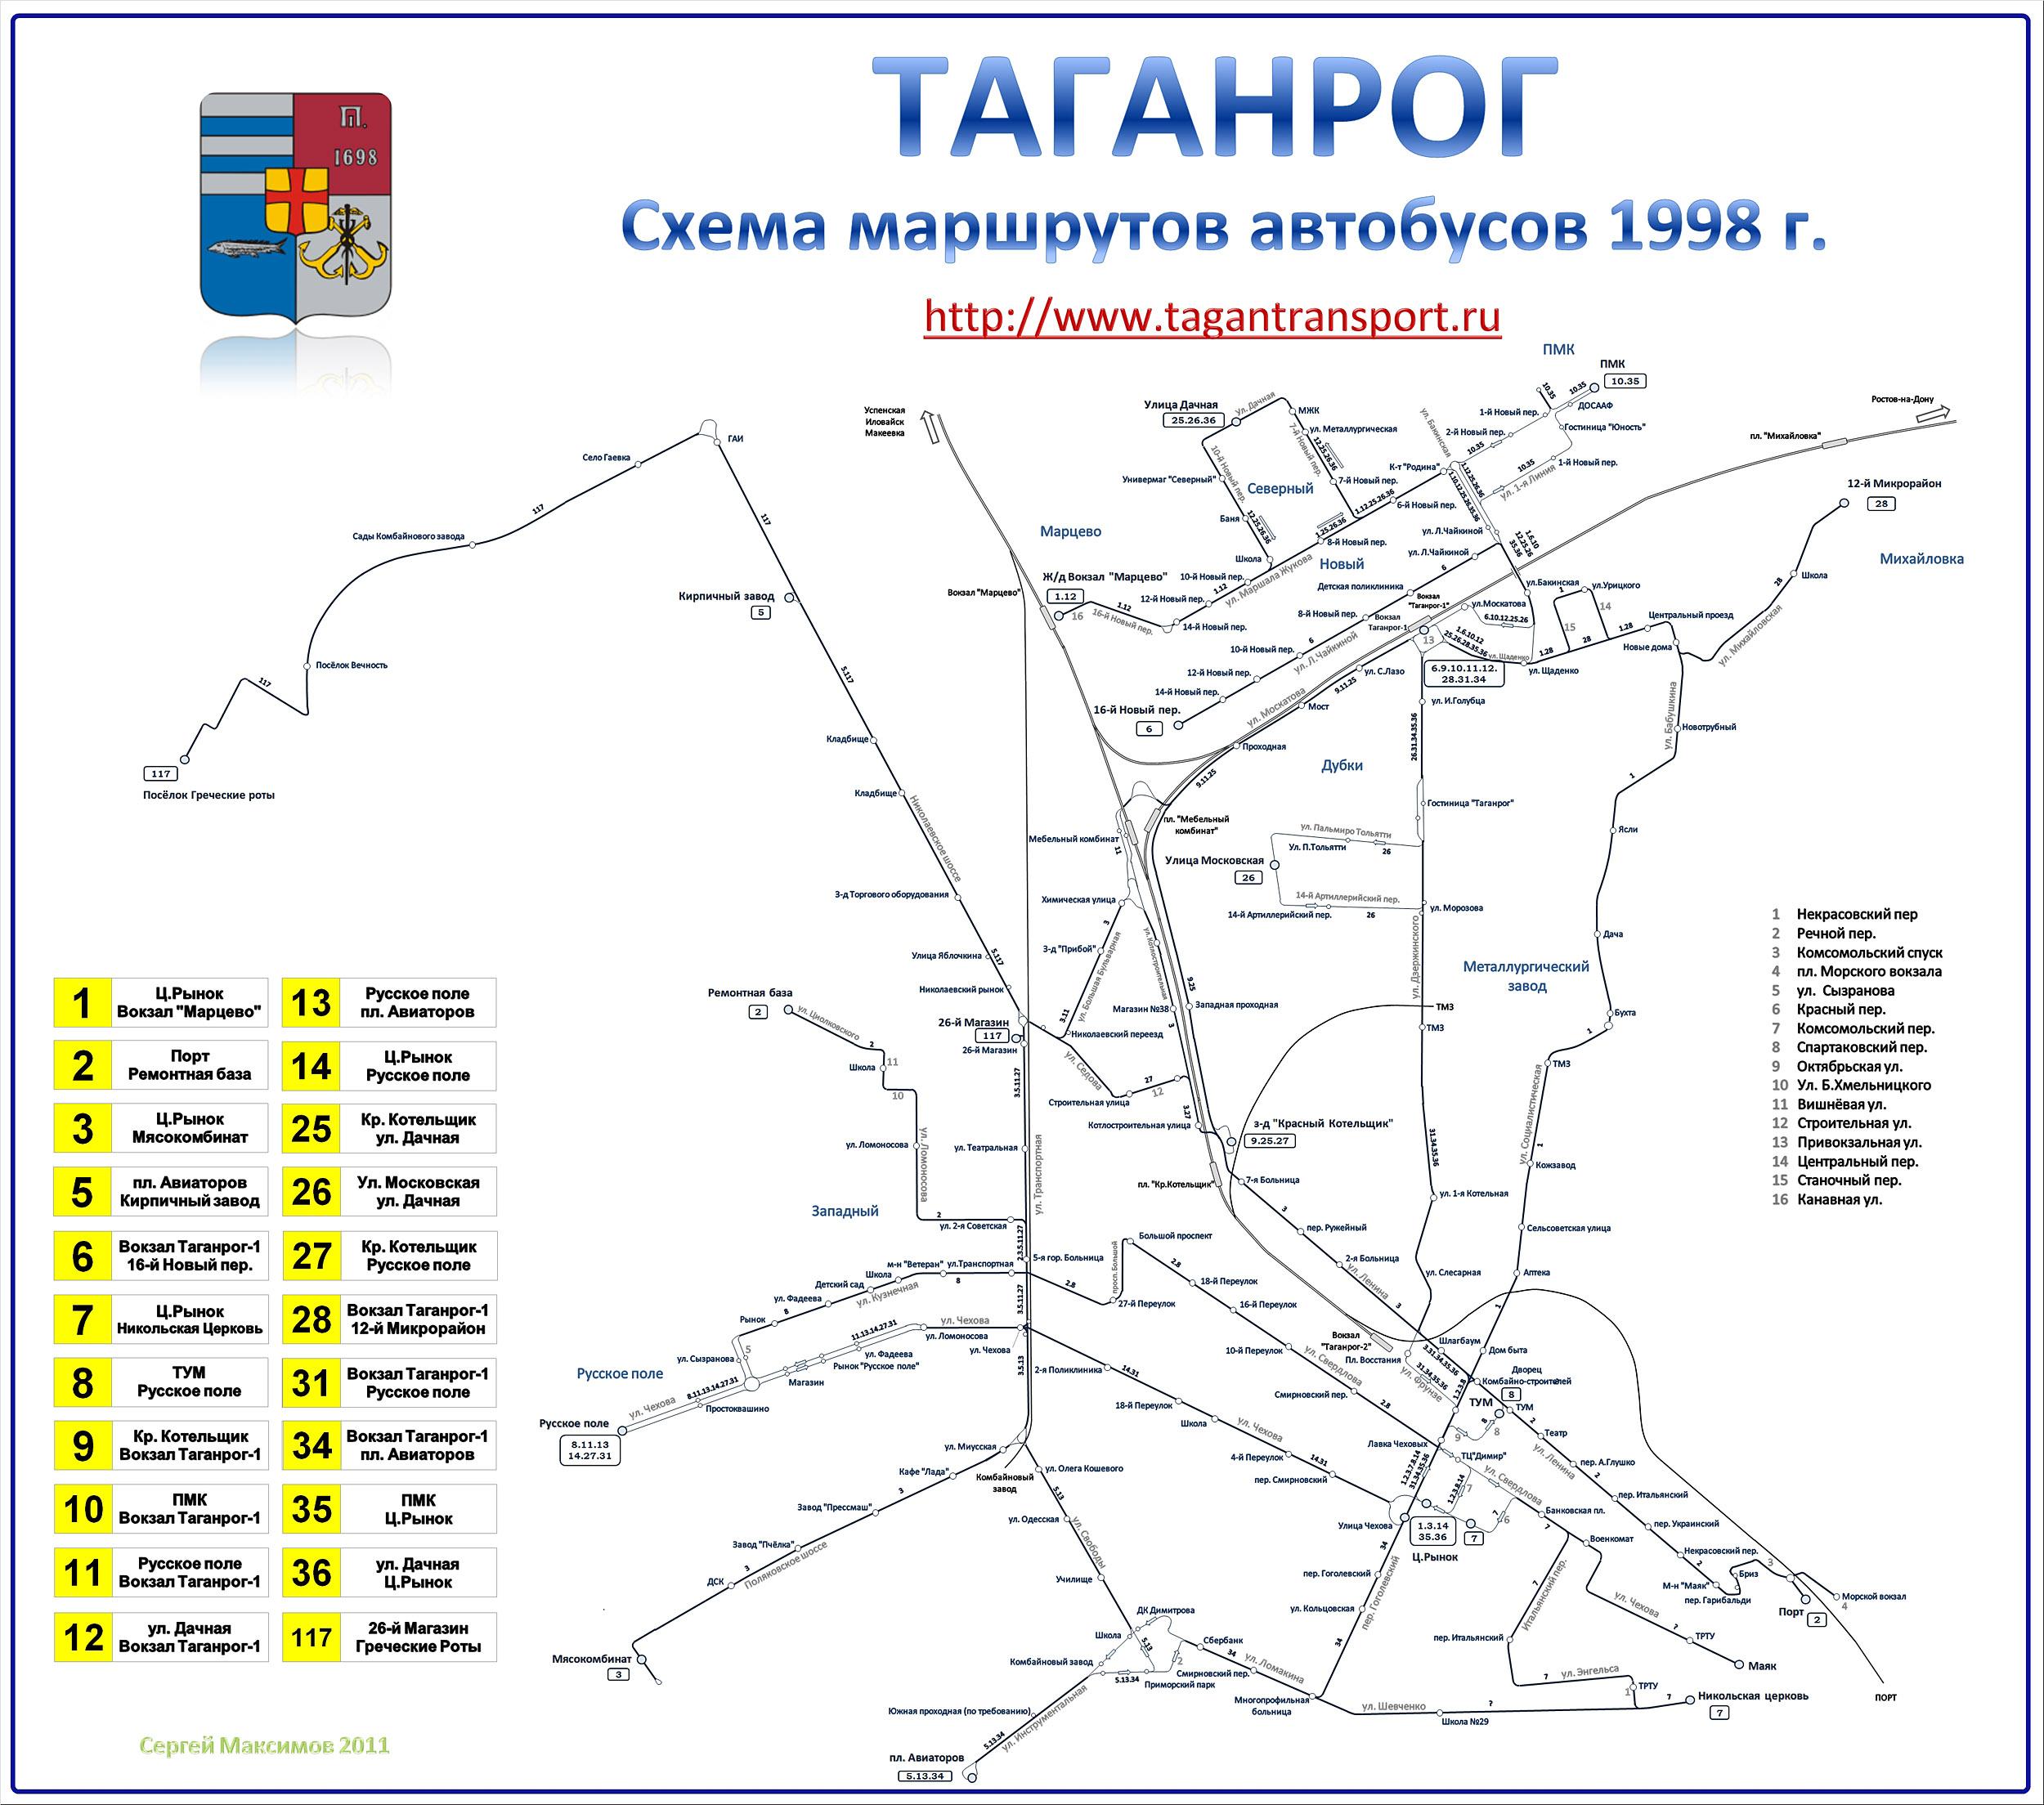 Таганрог. Схема маршрутов автобусов Таганрога по состоянию на 1998 год